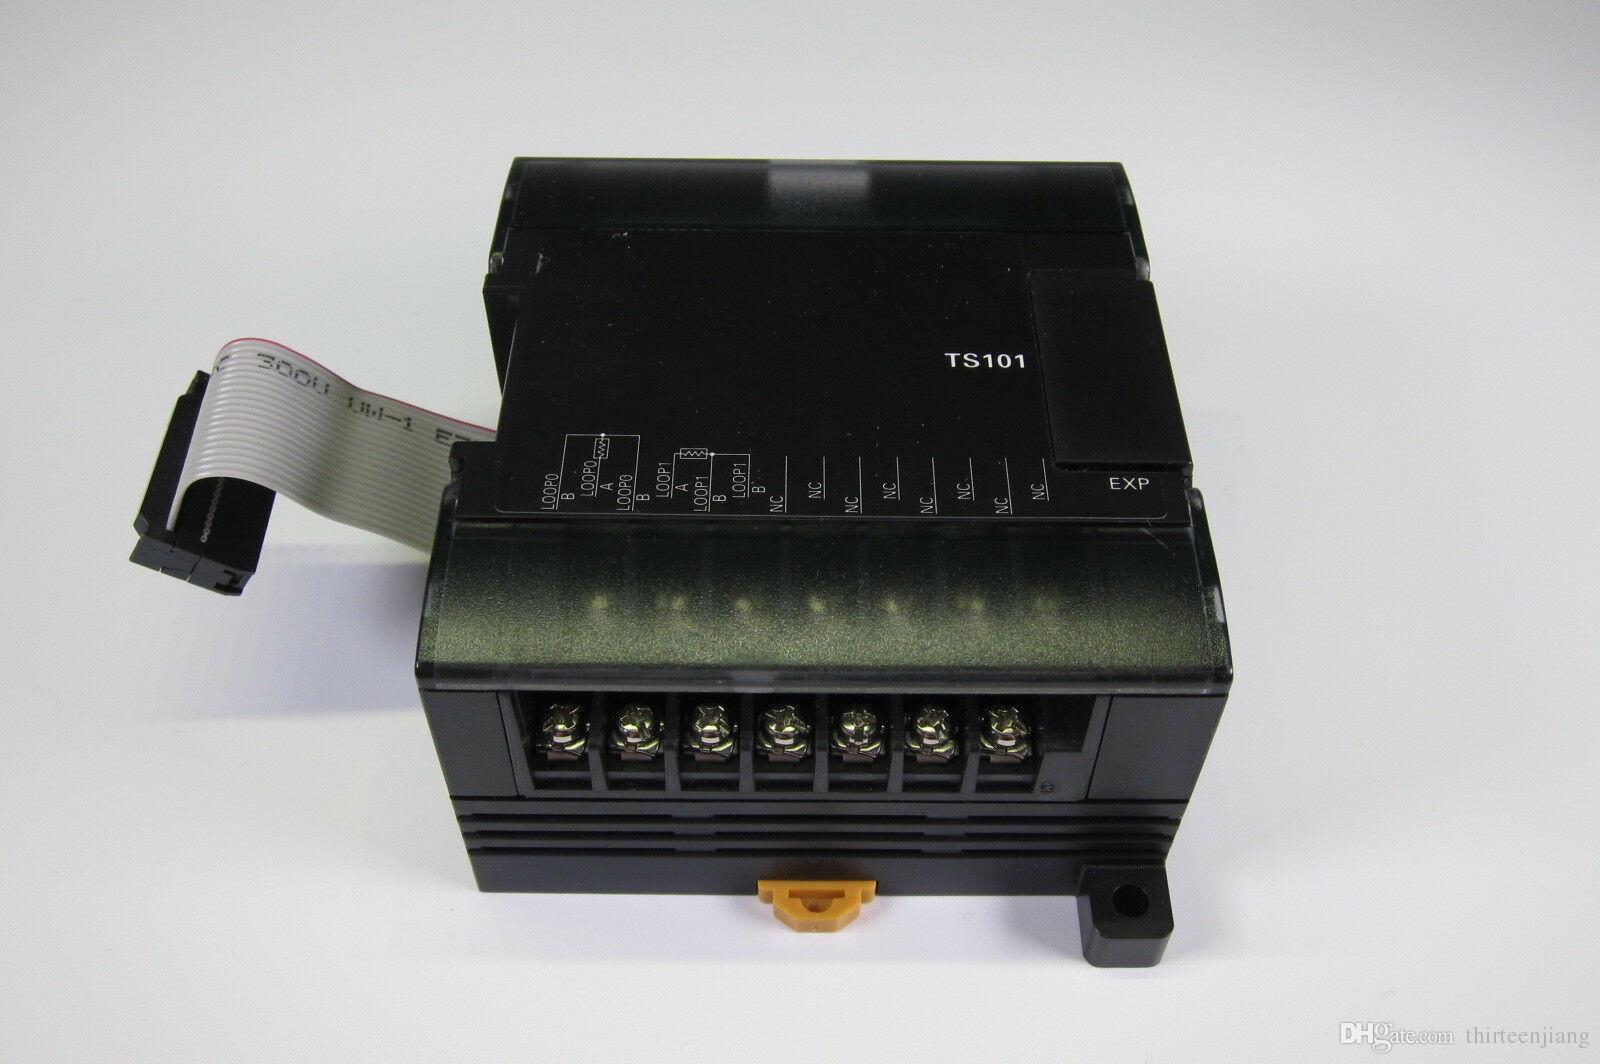 Original Omron PLC Módulo de Entrada CP1W-TS001 CP1W-TS101 Frete Grátis Expedido Novo Na Caixa